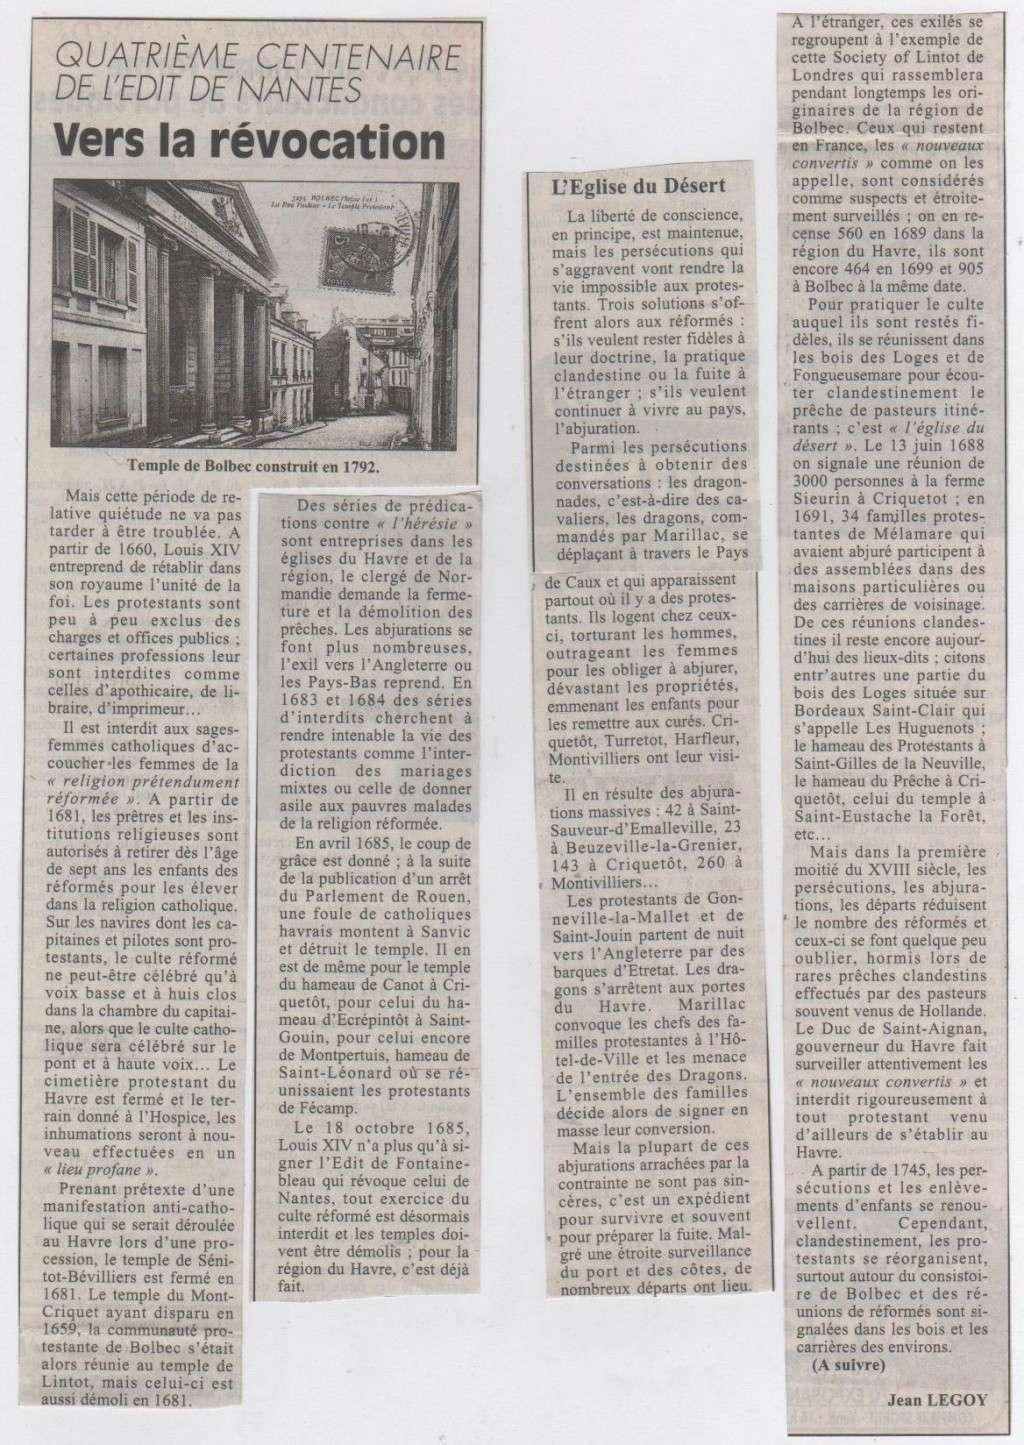 Histoire des Protestants Havrais par Jean LEGOY Protes12